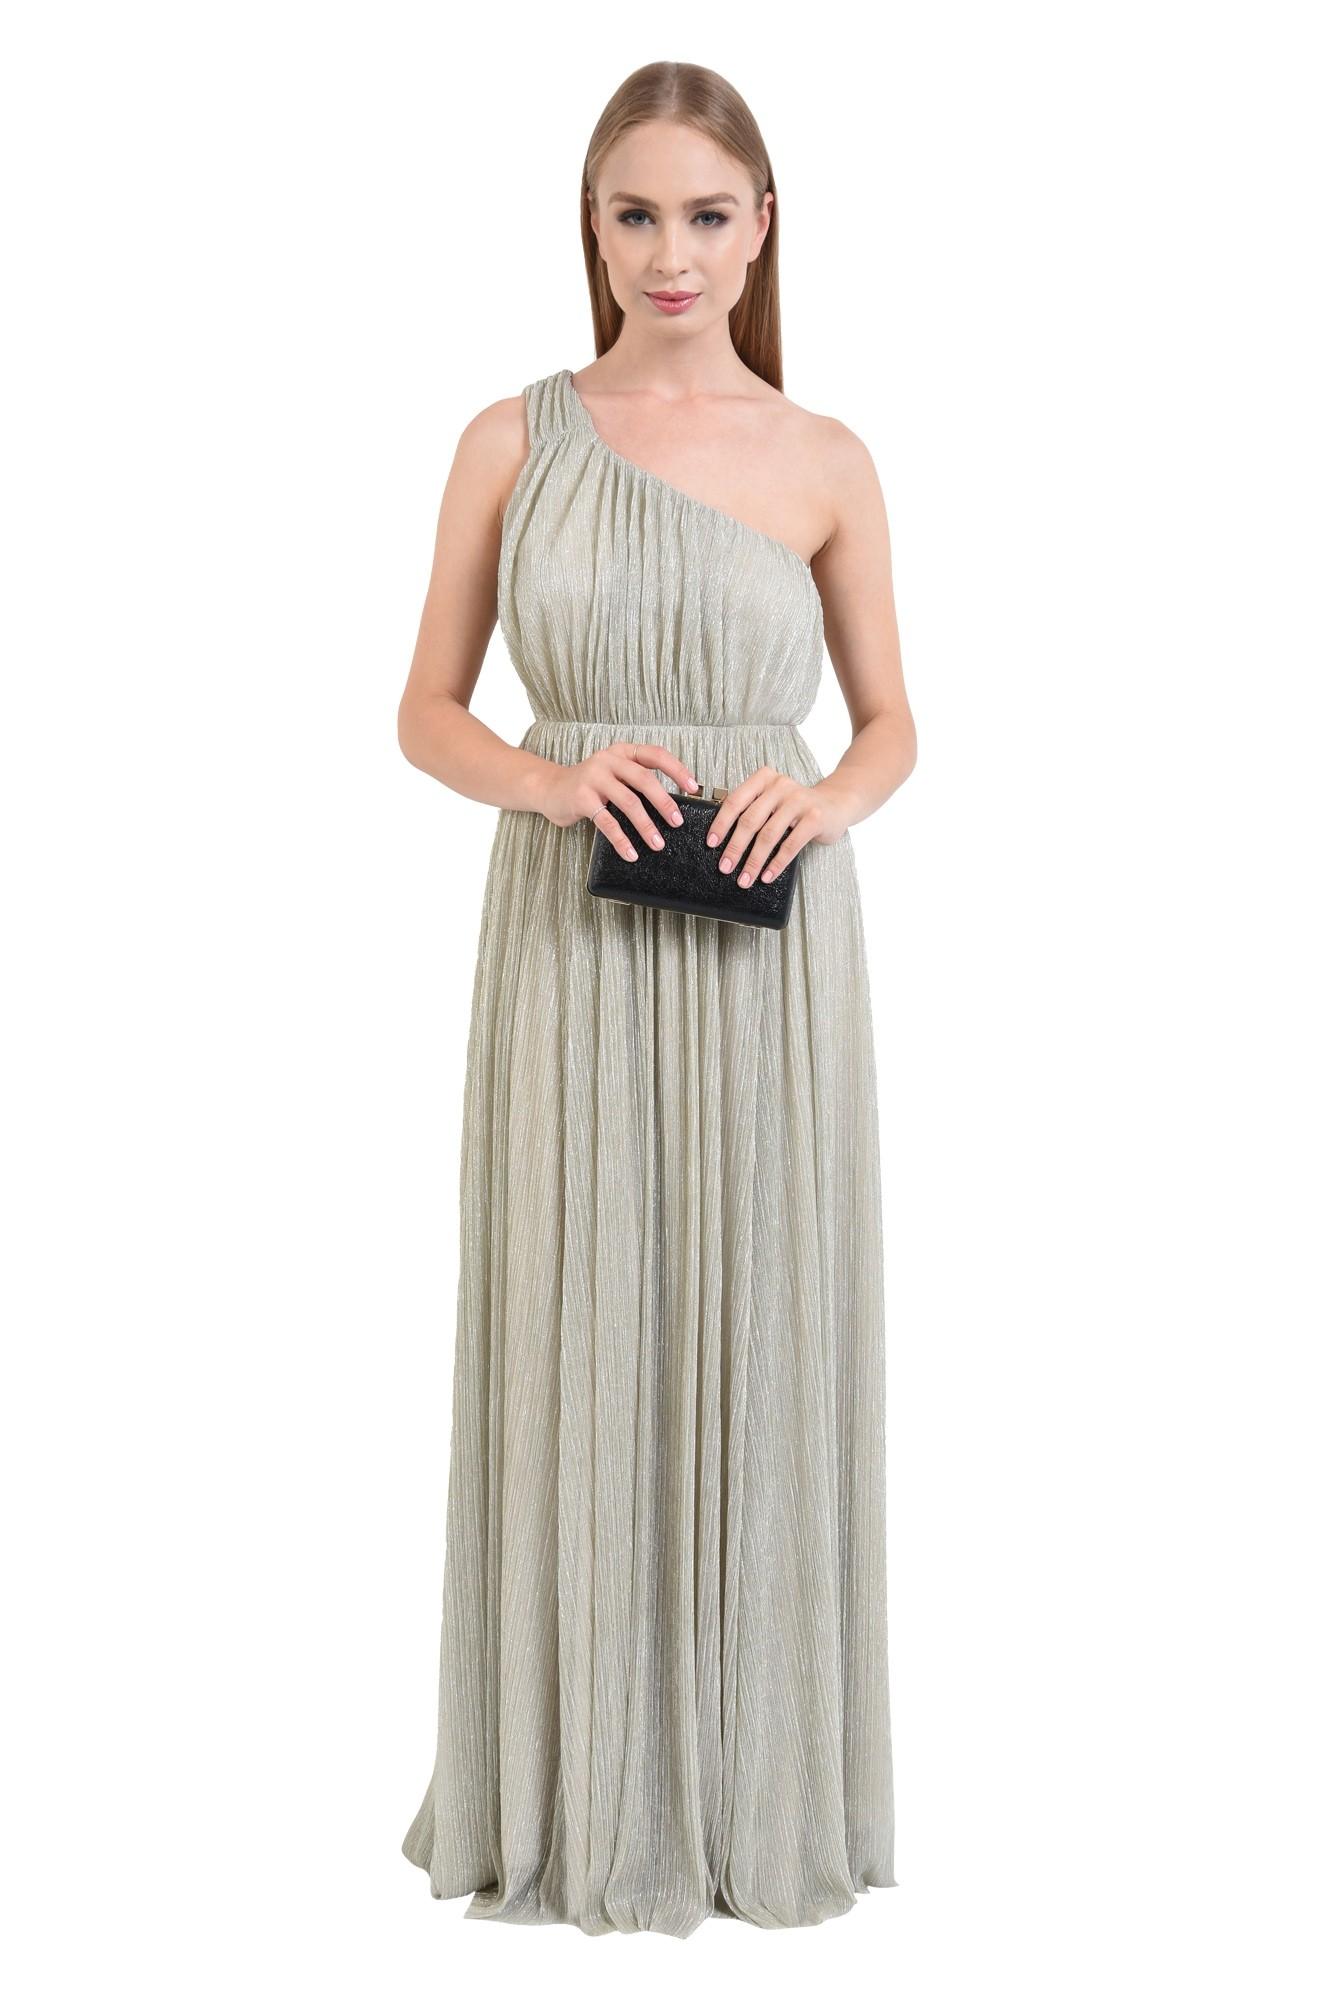 0 - rochie eleganta, lunga, lurex, argintiu, cu umarul gol